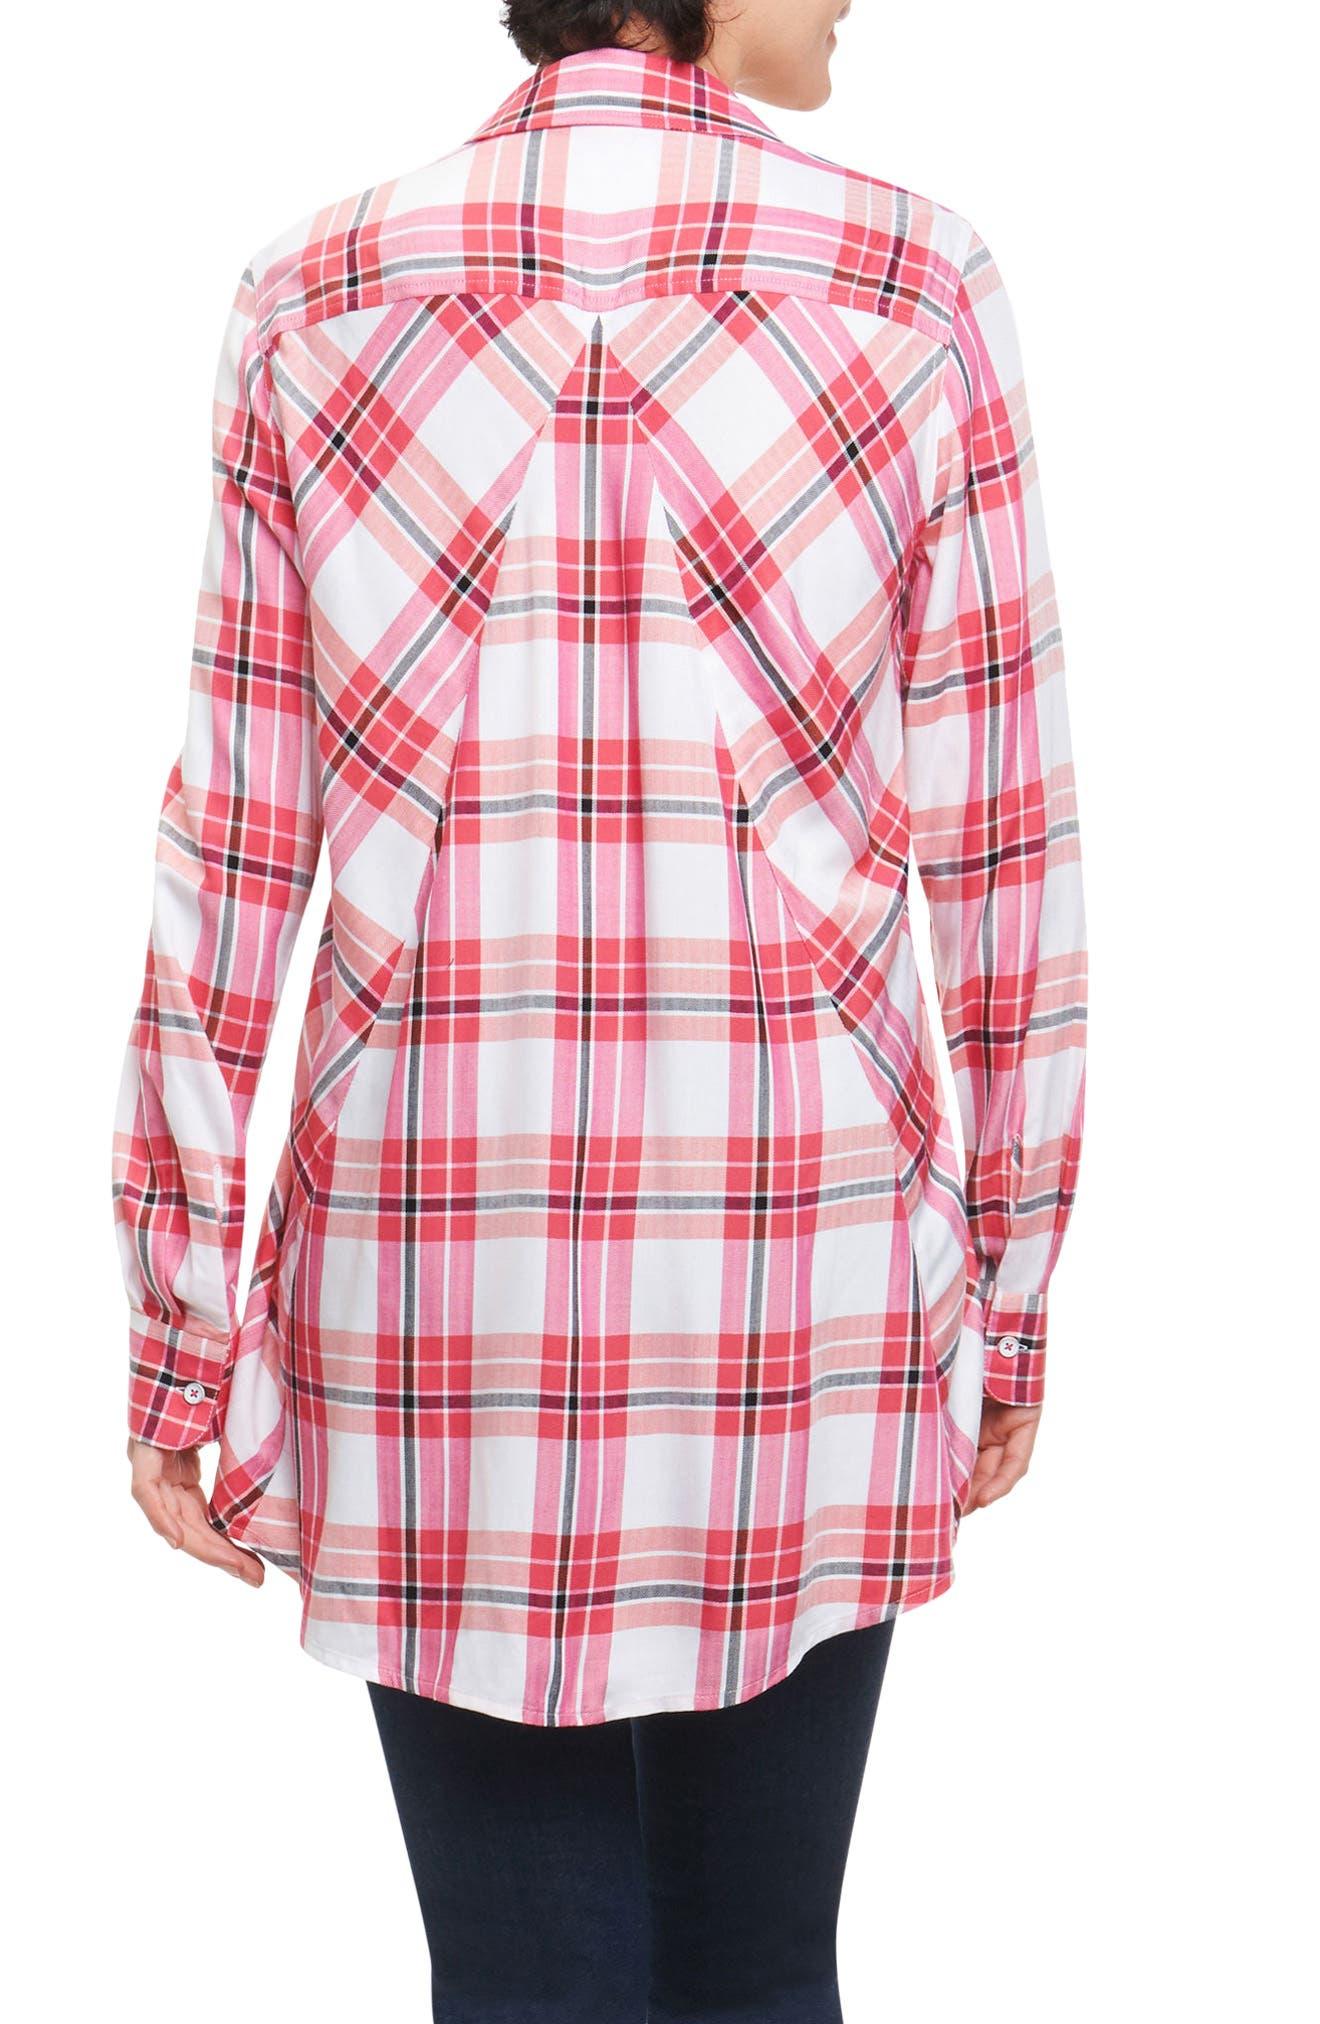 Fay Pinktini Plaid Shirt,                             Alternate thumbnail 2, color,                             MULTI